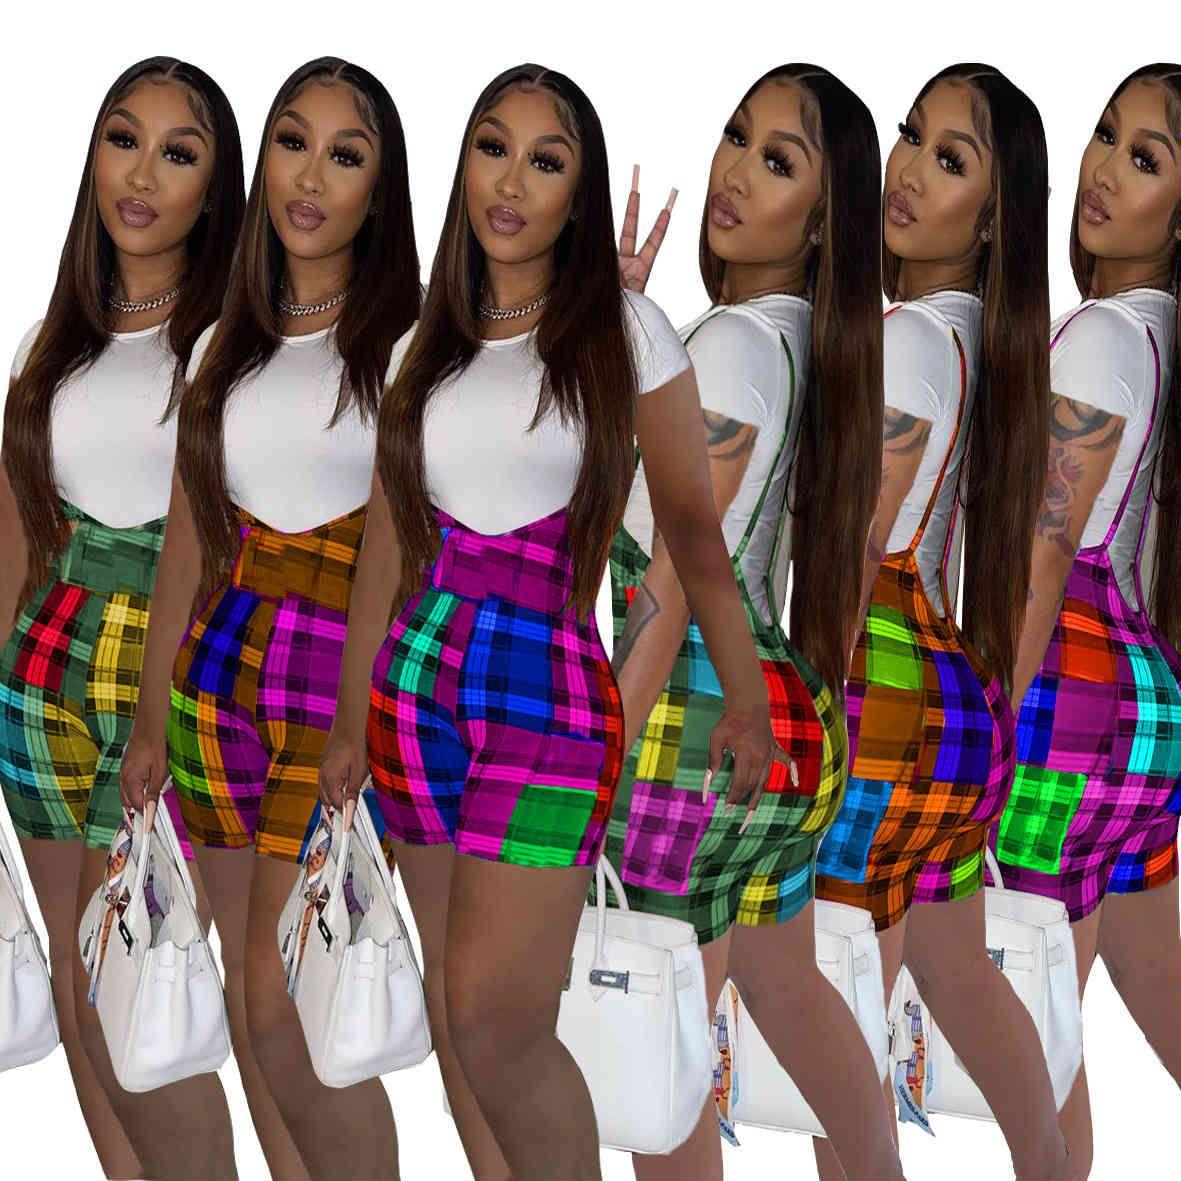 2021Summer Женщины Сексуальные Короткие Набор Настройки Двухструктурные Комплект Cousssit Jogger Suites Tain Top + Шорты Сплошной Цветовой Вутсуит Мода Hot S-XXL